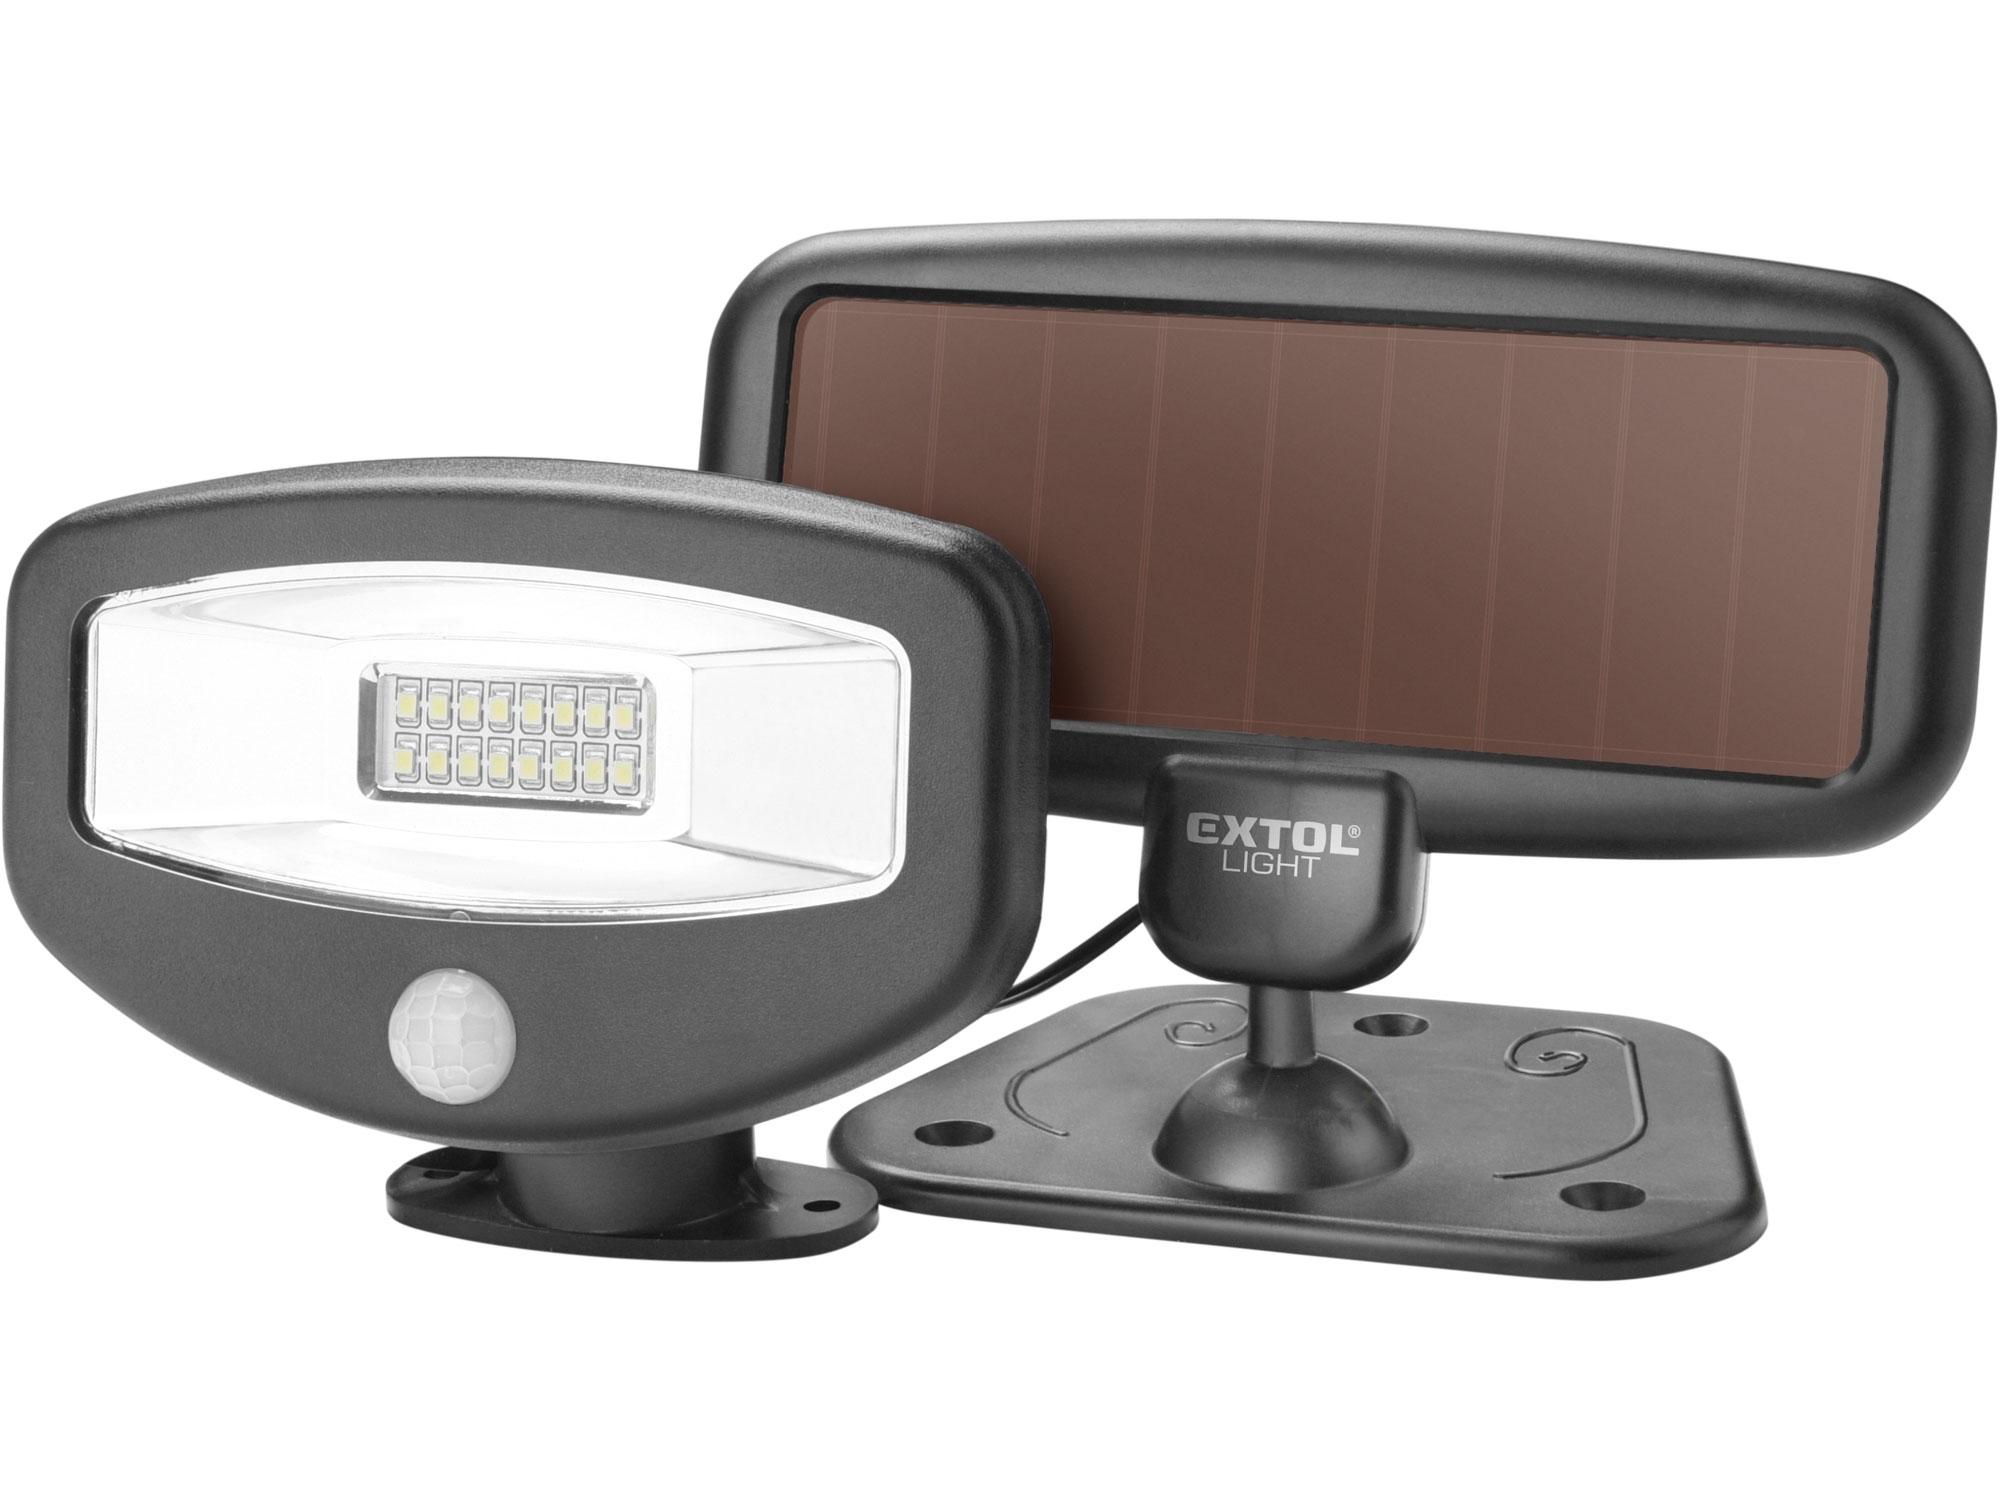 reflektor LED s pohybovým čidlem, 100lm, solární nabíjení